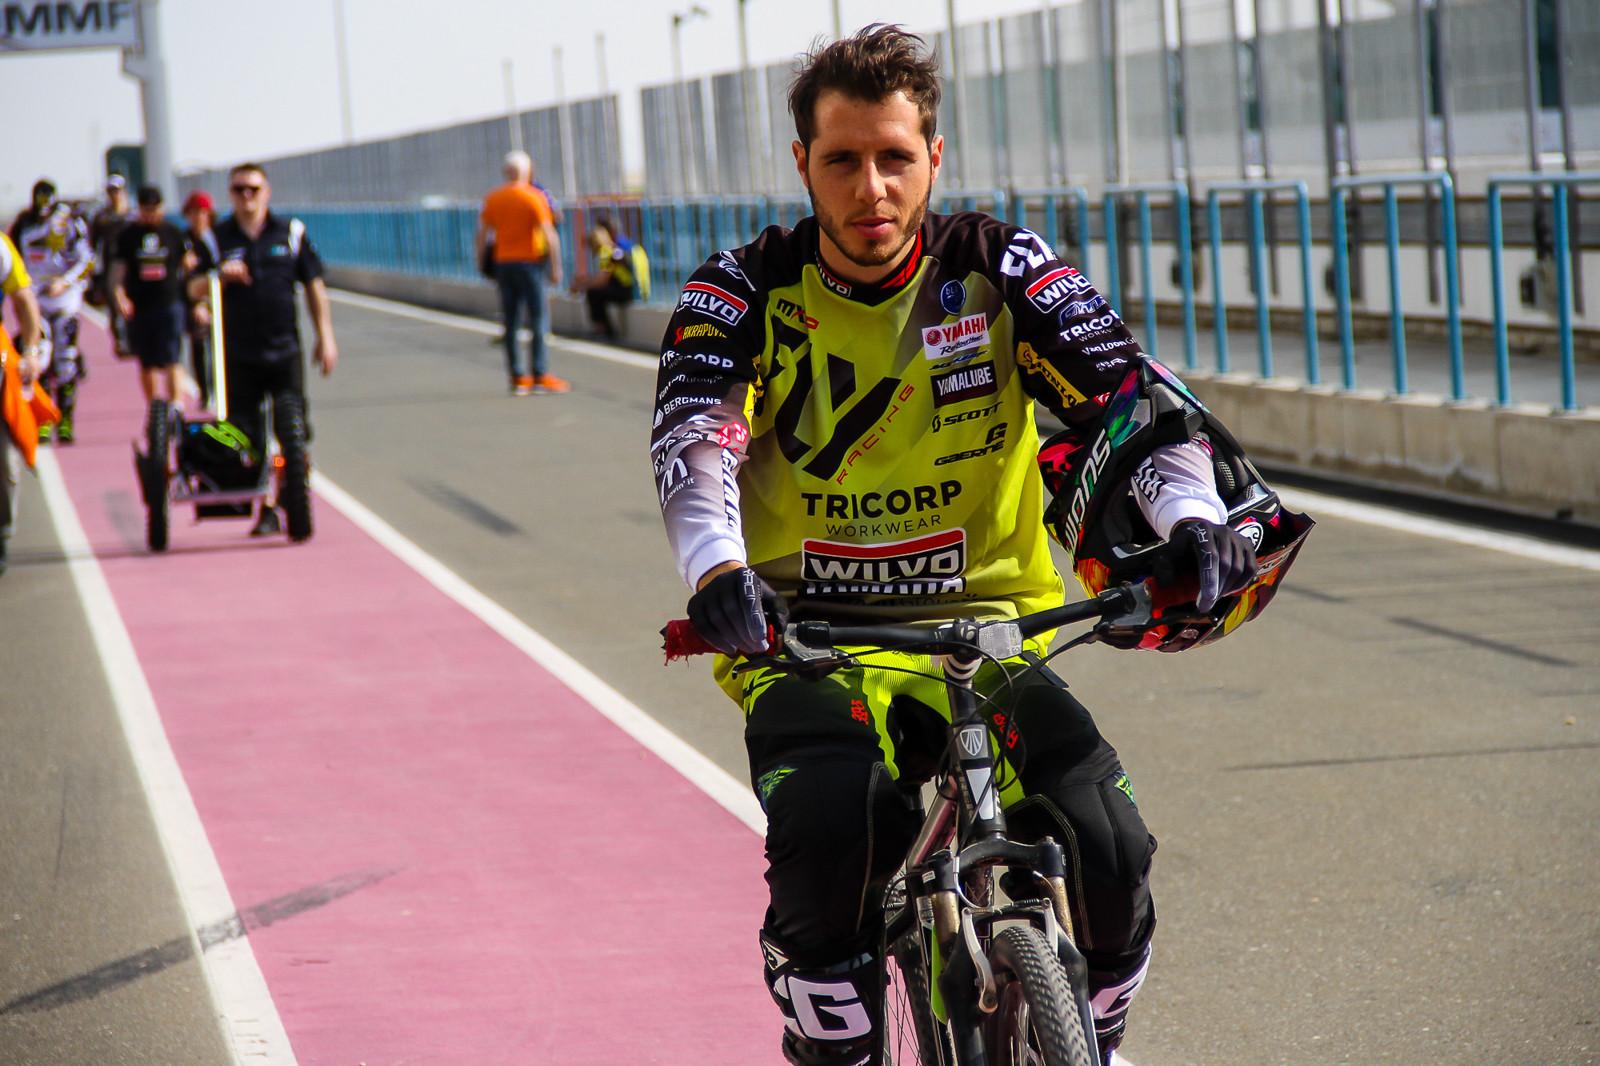 Arnaud Tonus - Photo Blast: 2017 MXGP of Qatar - Motocross Pictures - Vital MX